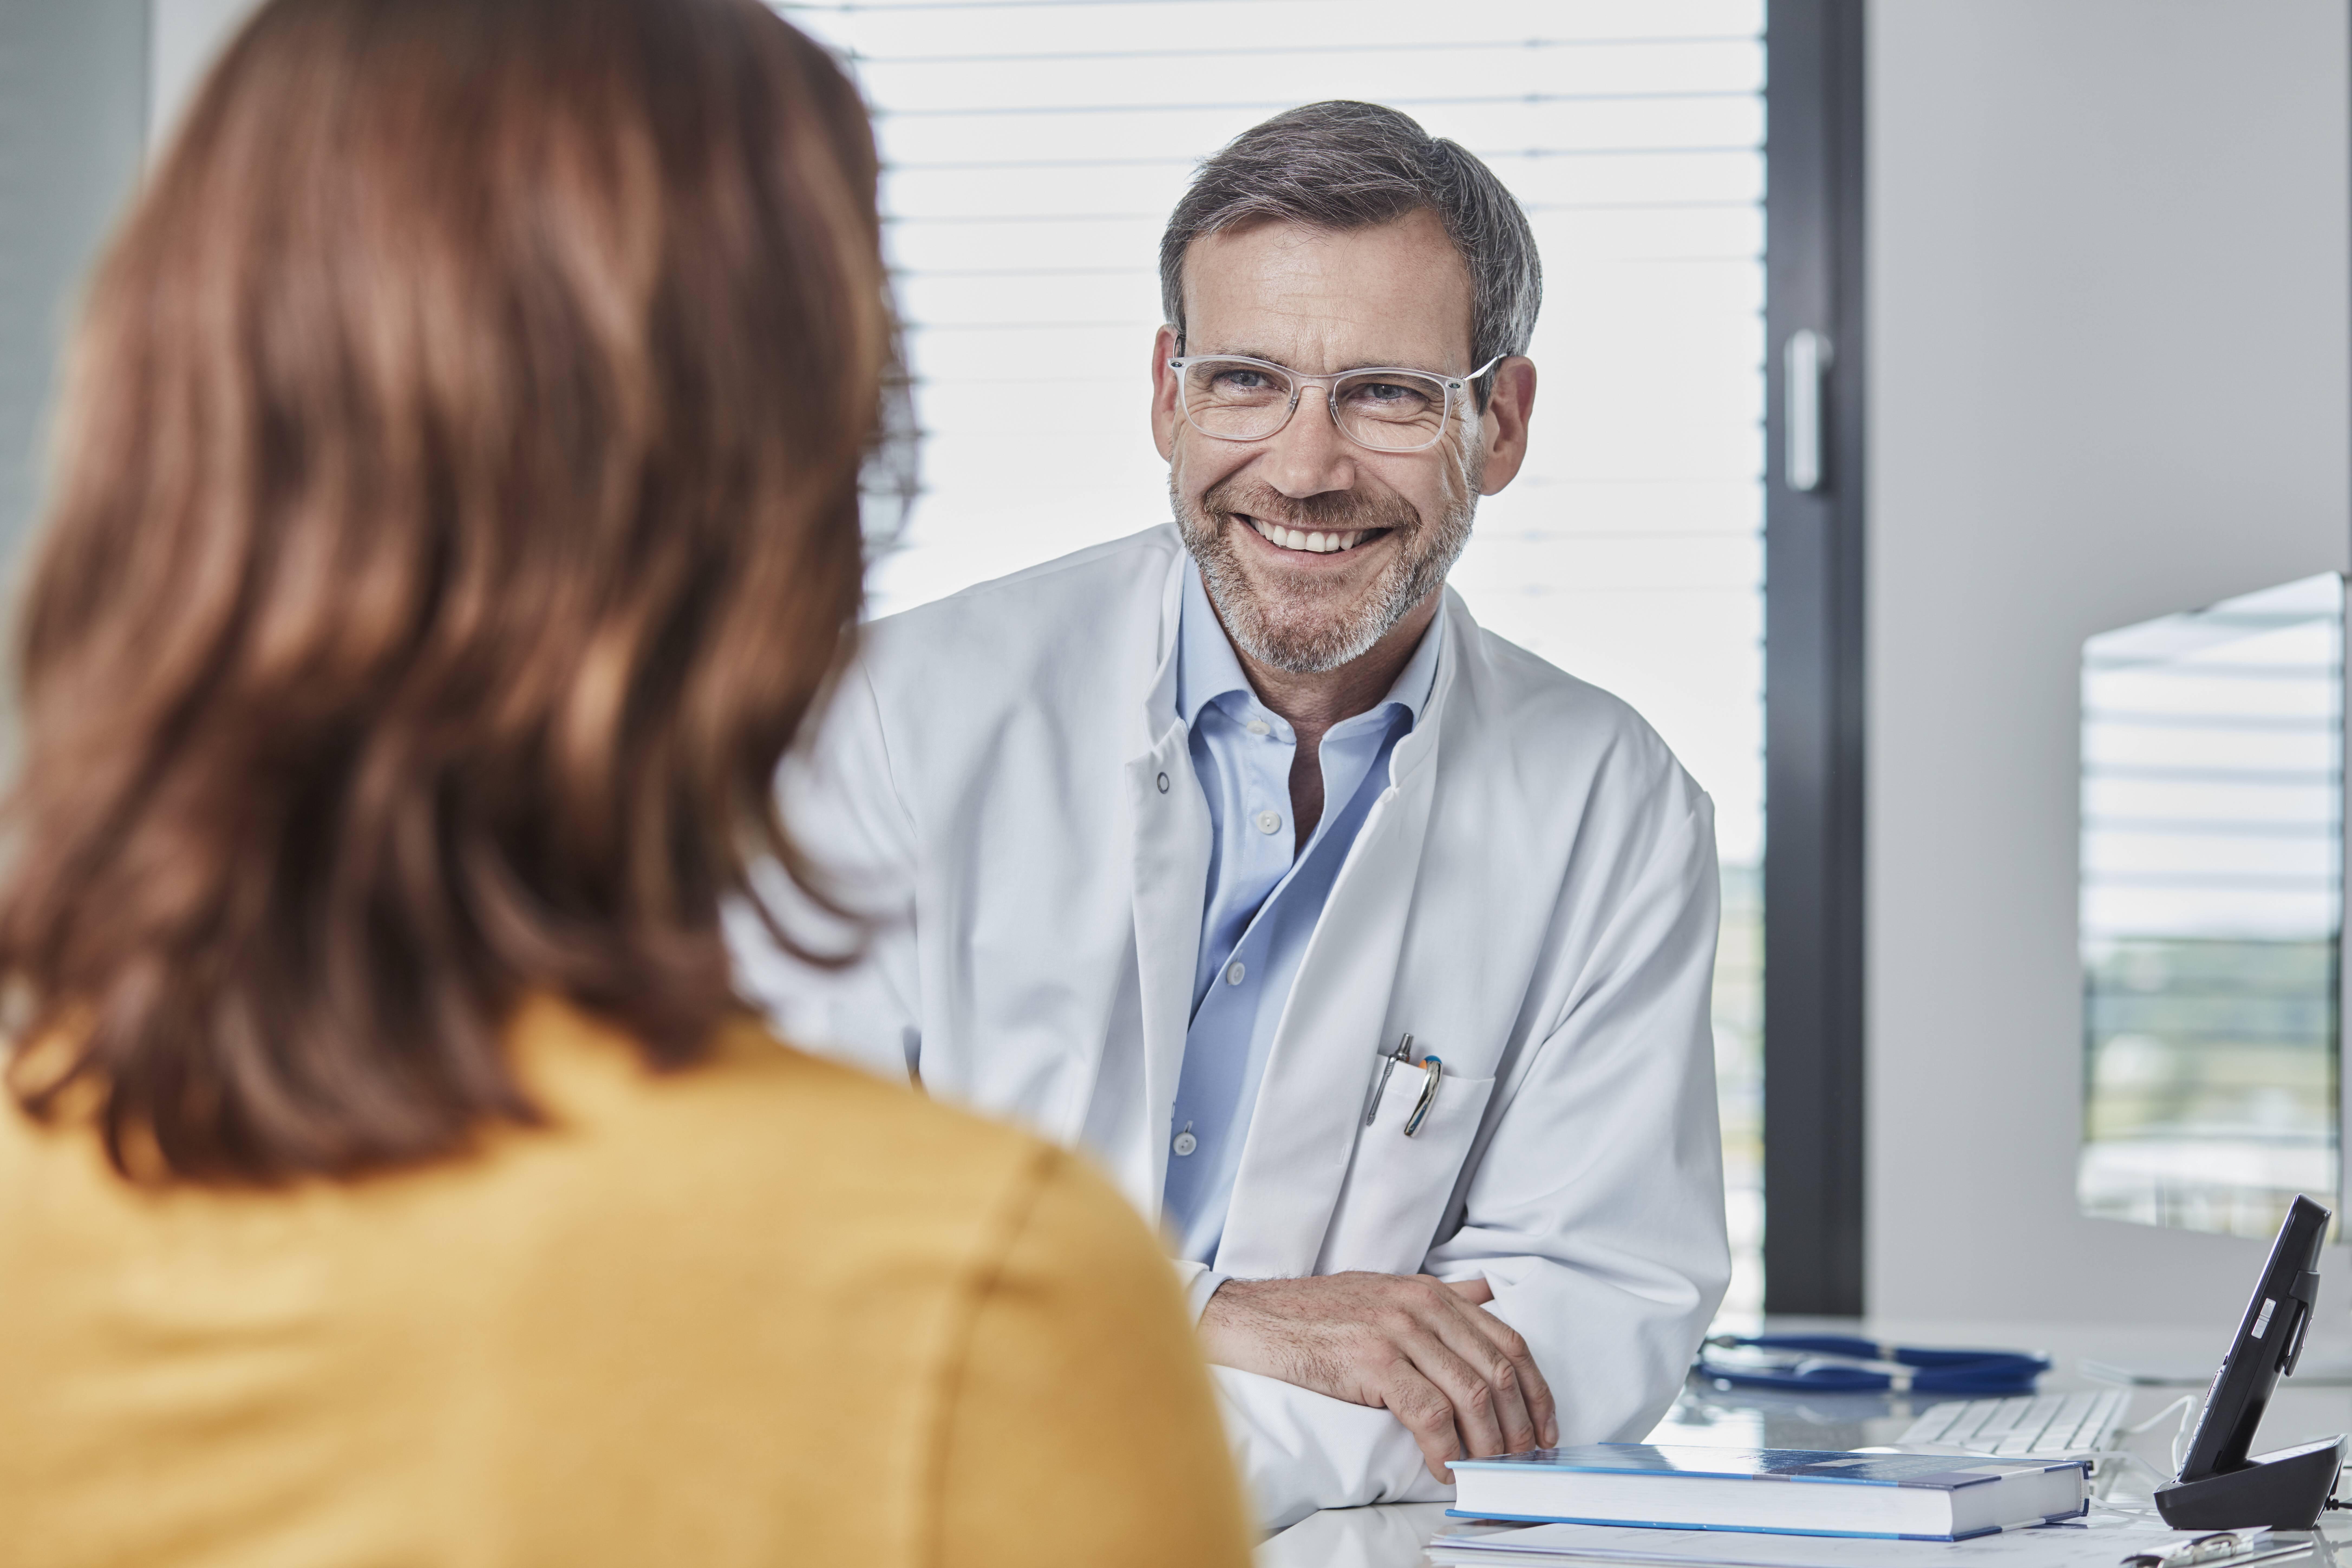 Vor und nach der Knie-OP finden ausführliche Arztgespräche statt.